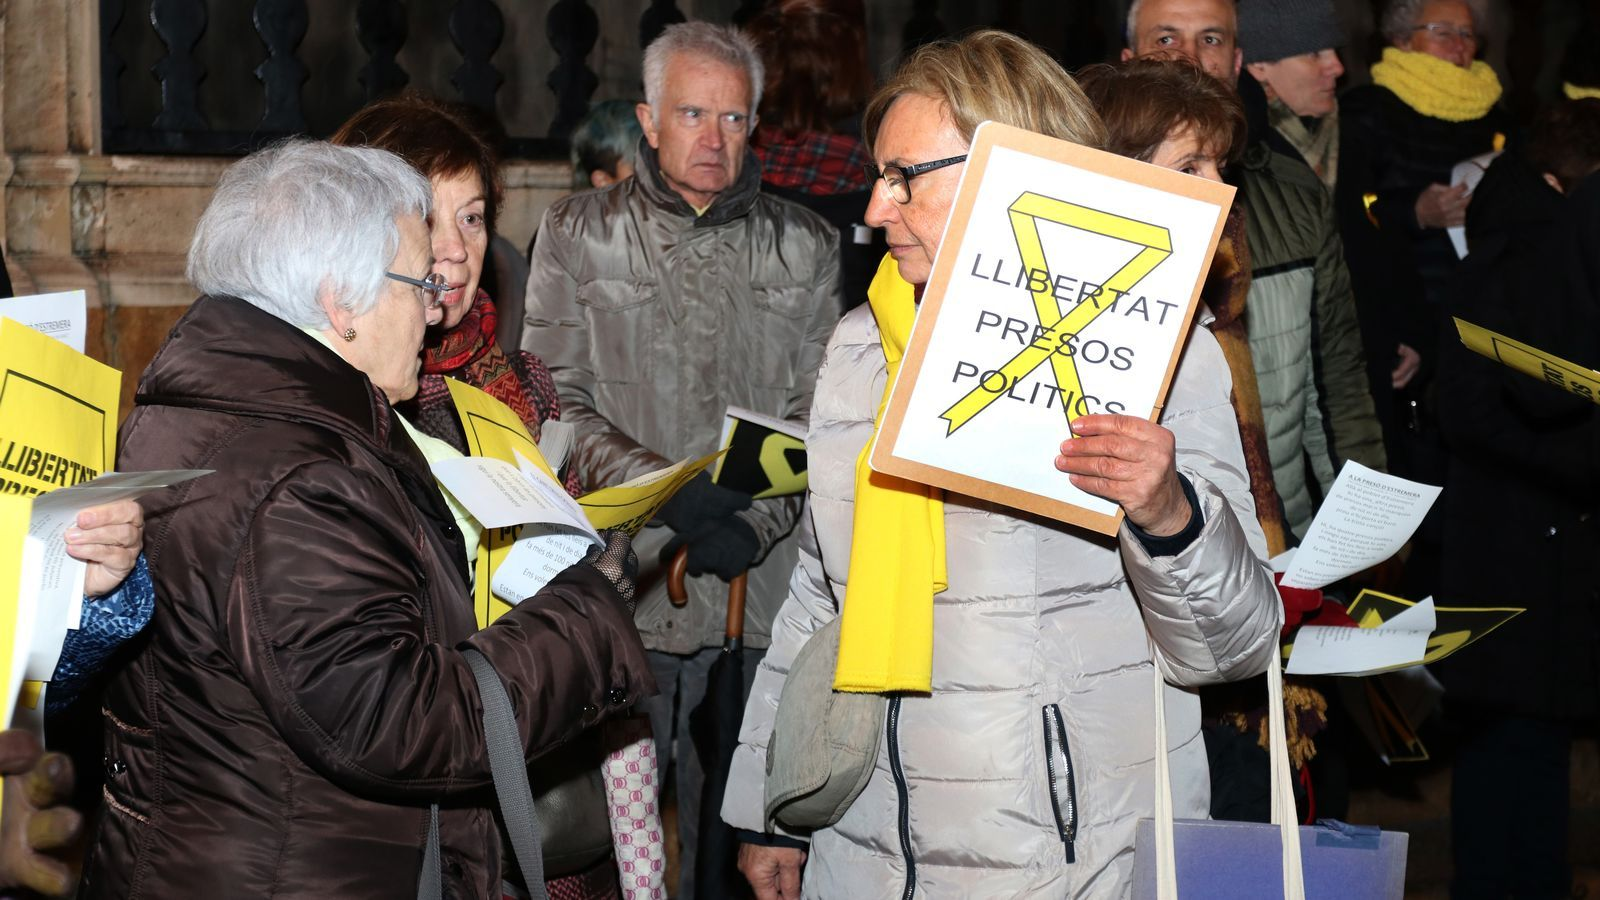 Concentració a Palma per demanar la llibertat dels presos polítics.